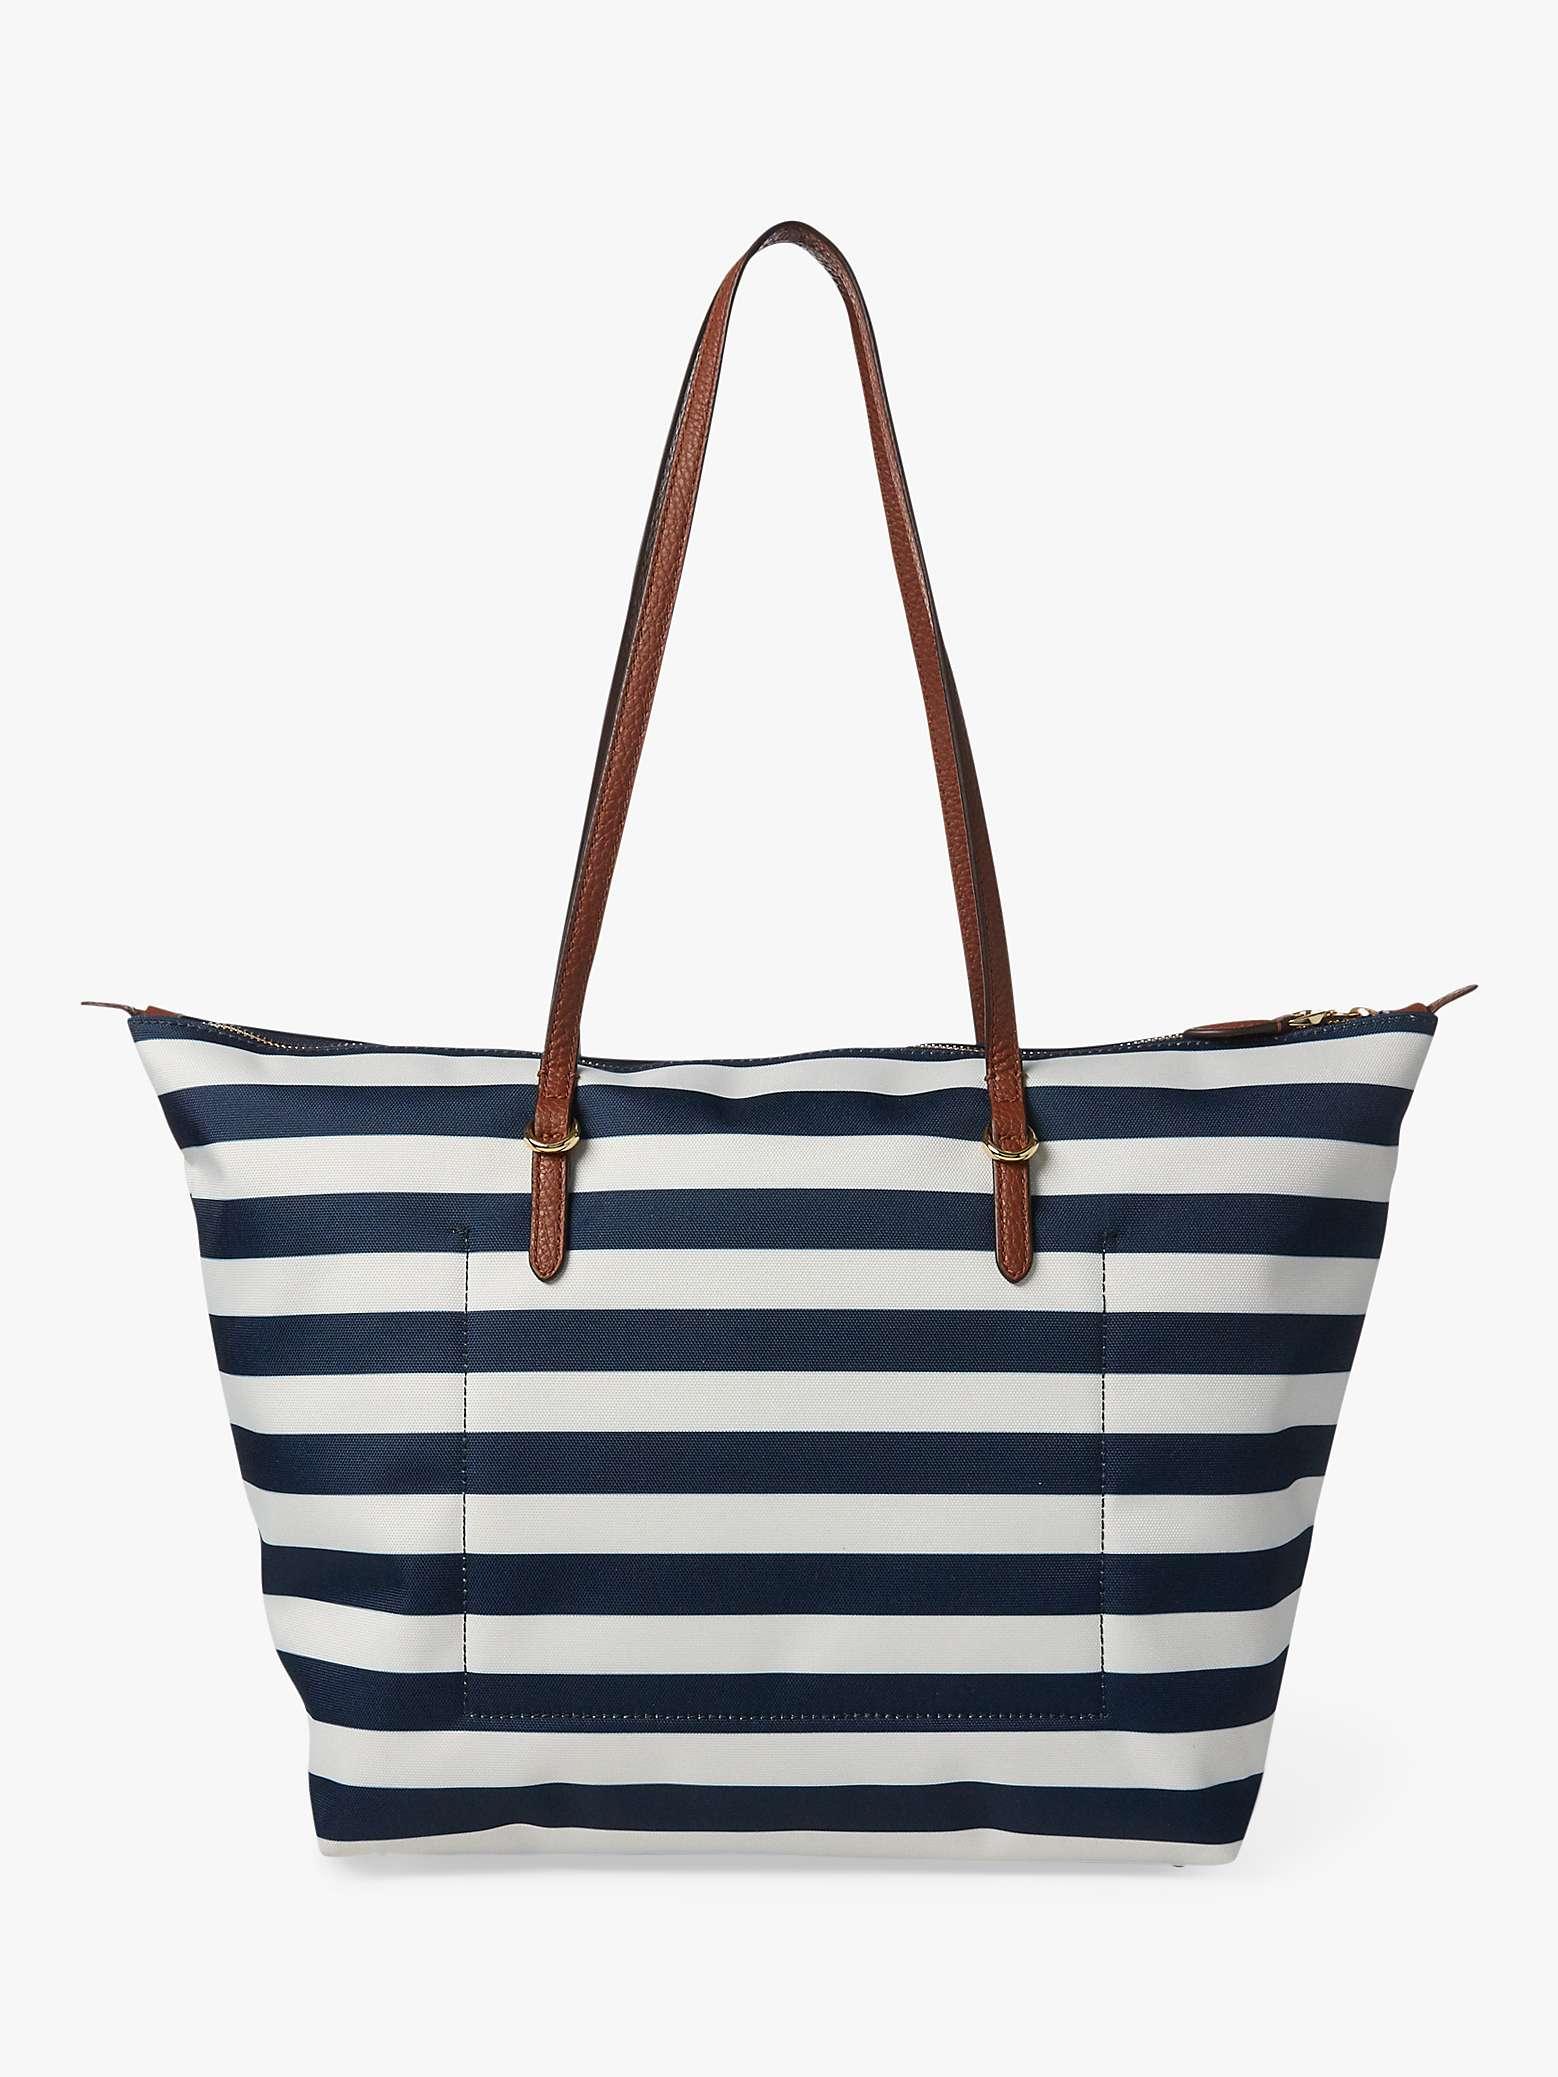 ostaa yksinoikeudella kengät upouusi Lauren Ralph Lauren Chadwick Tote Bag, Navy/White at John ...